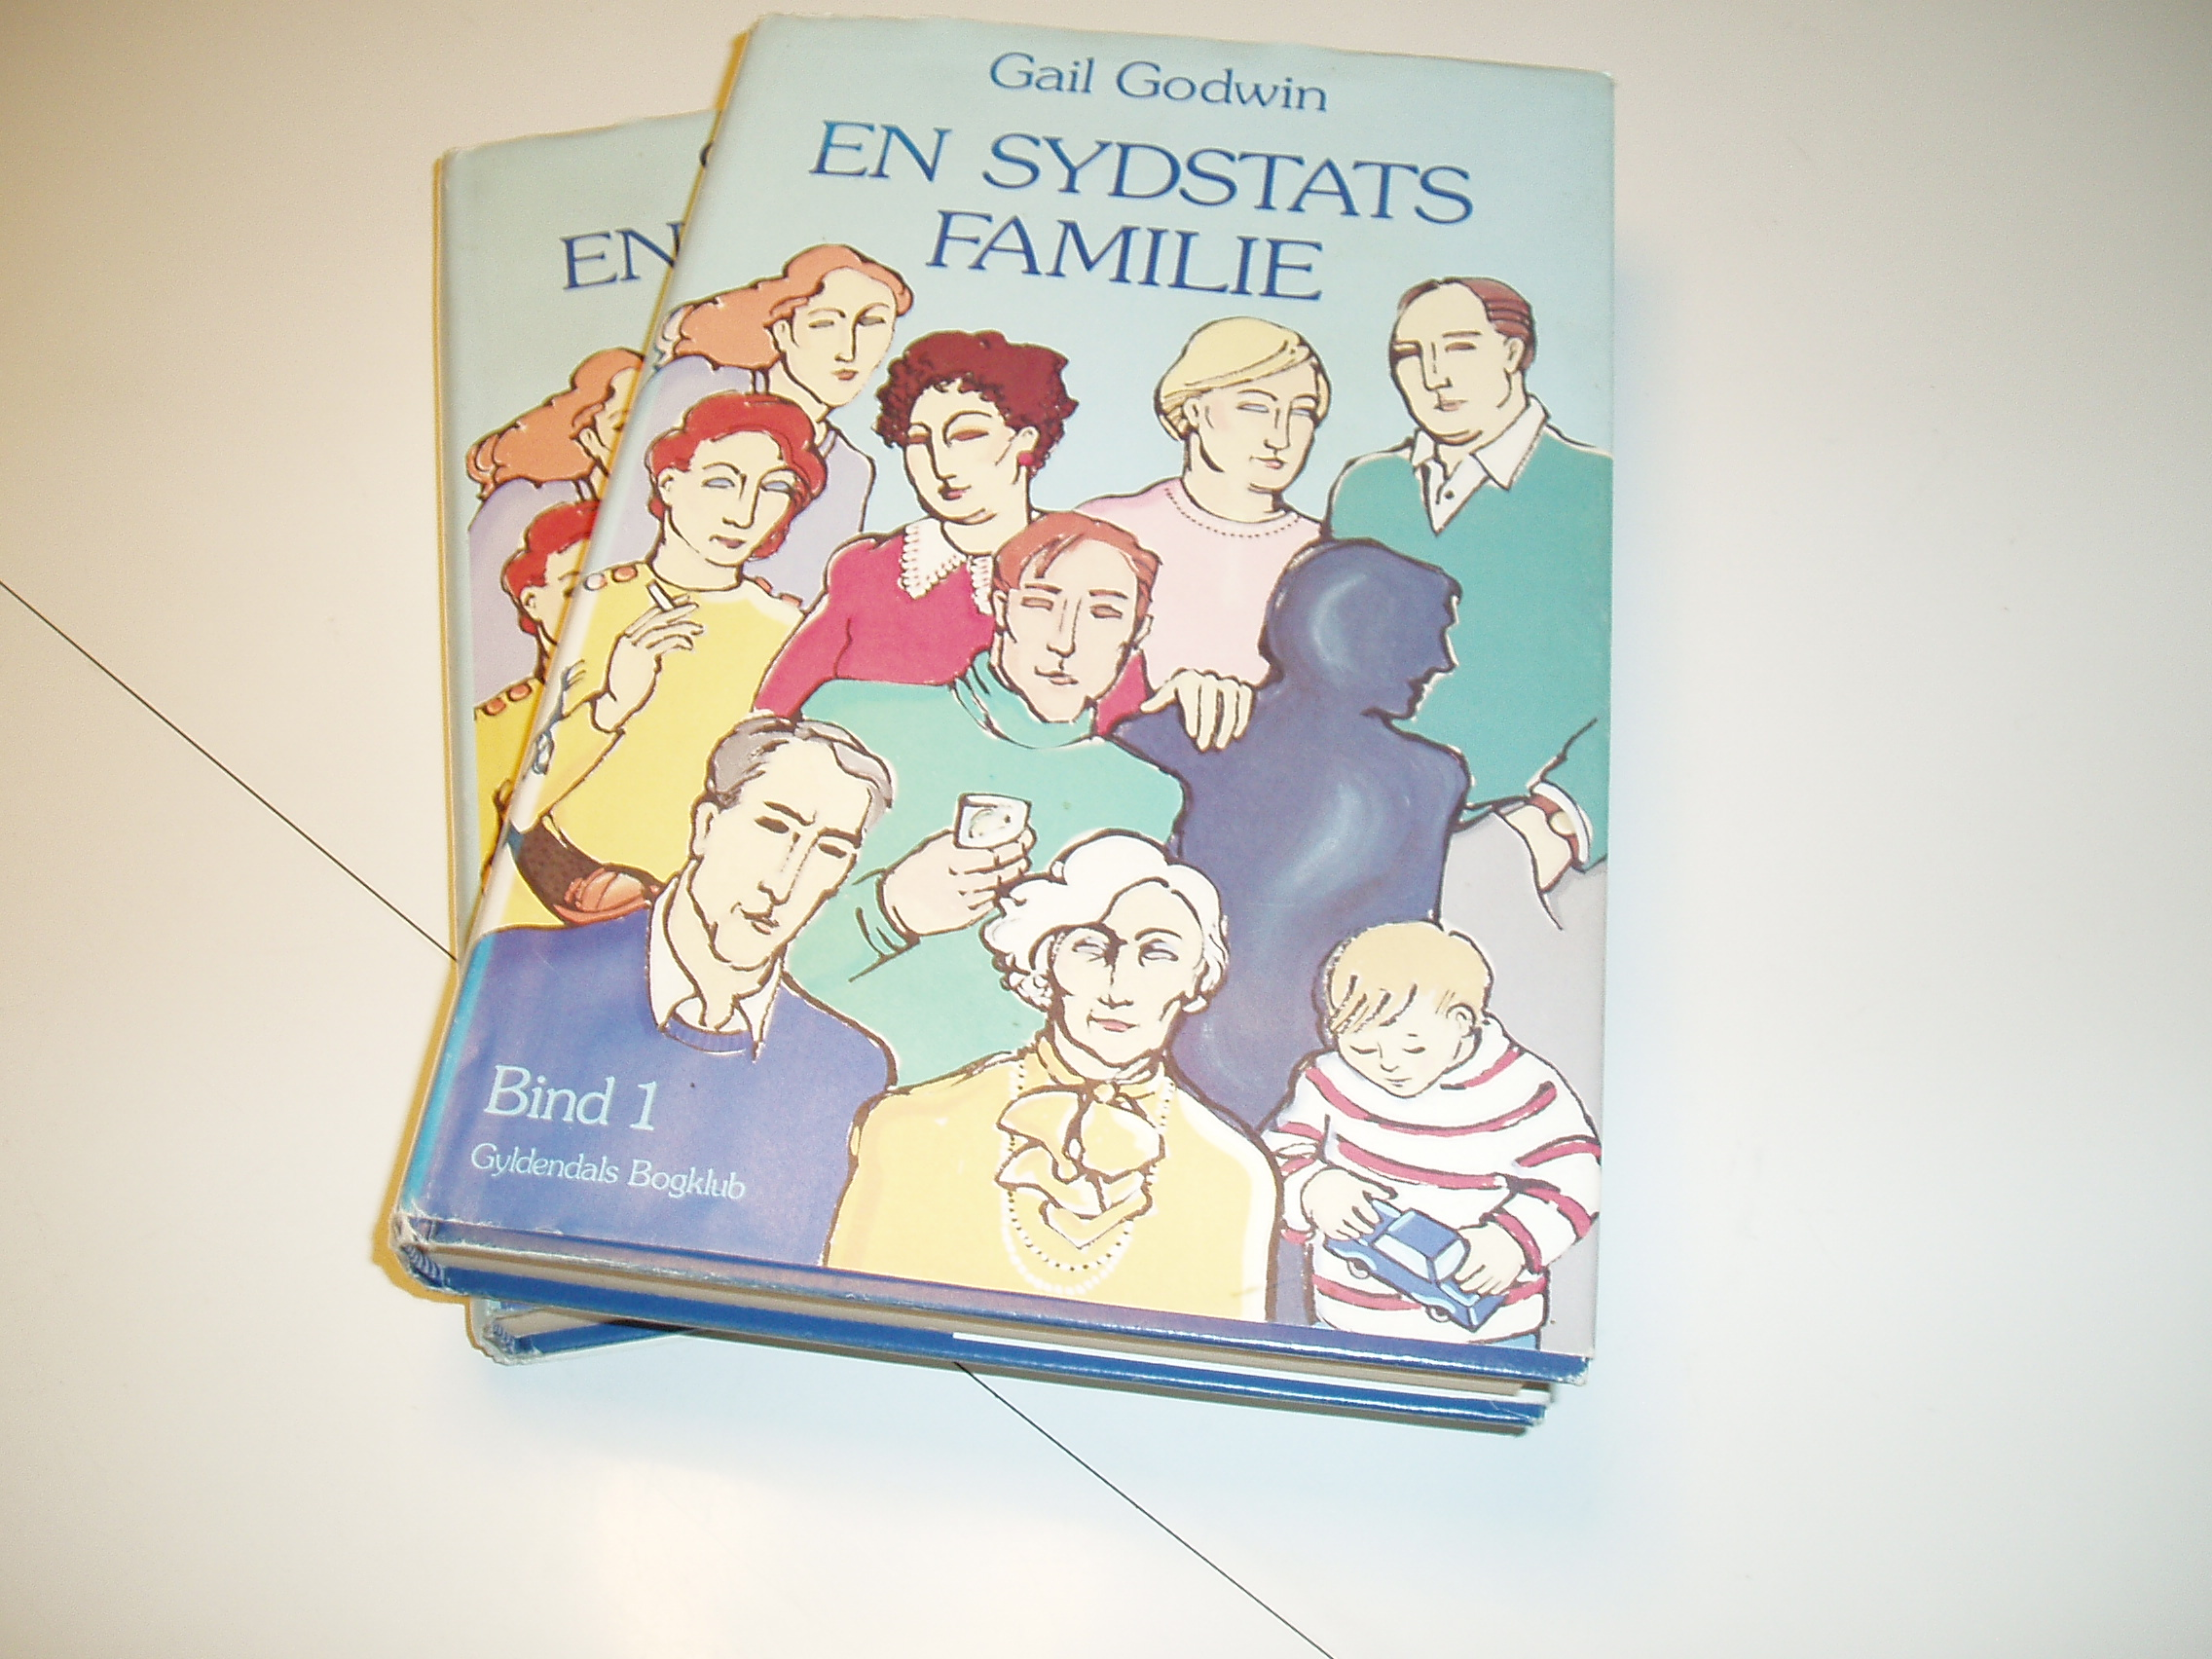 En sydstats familie, bind 1-2